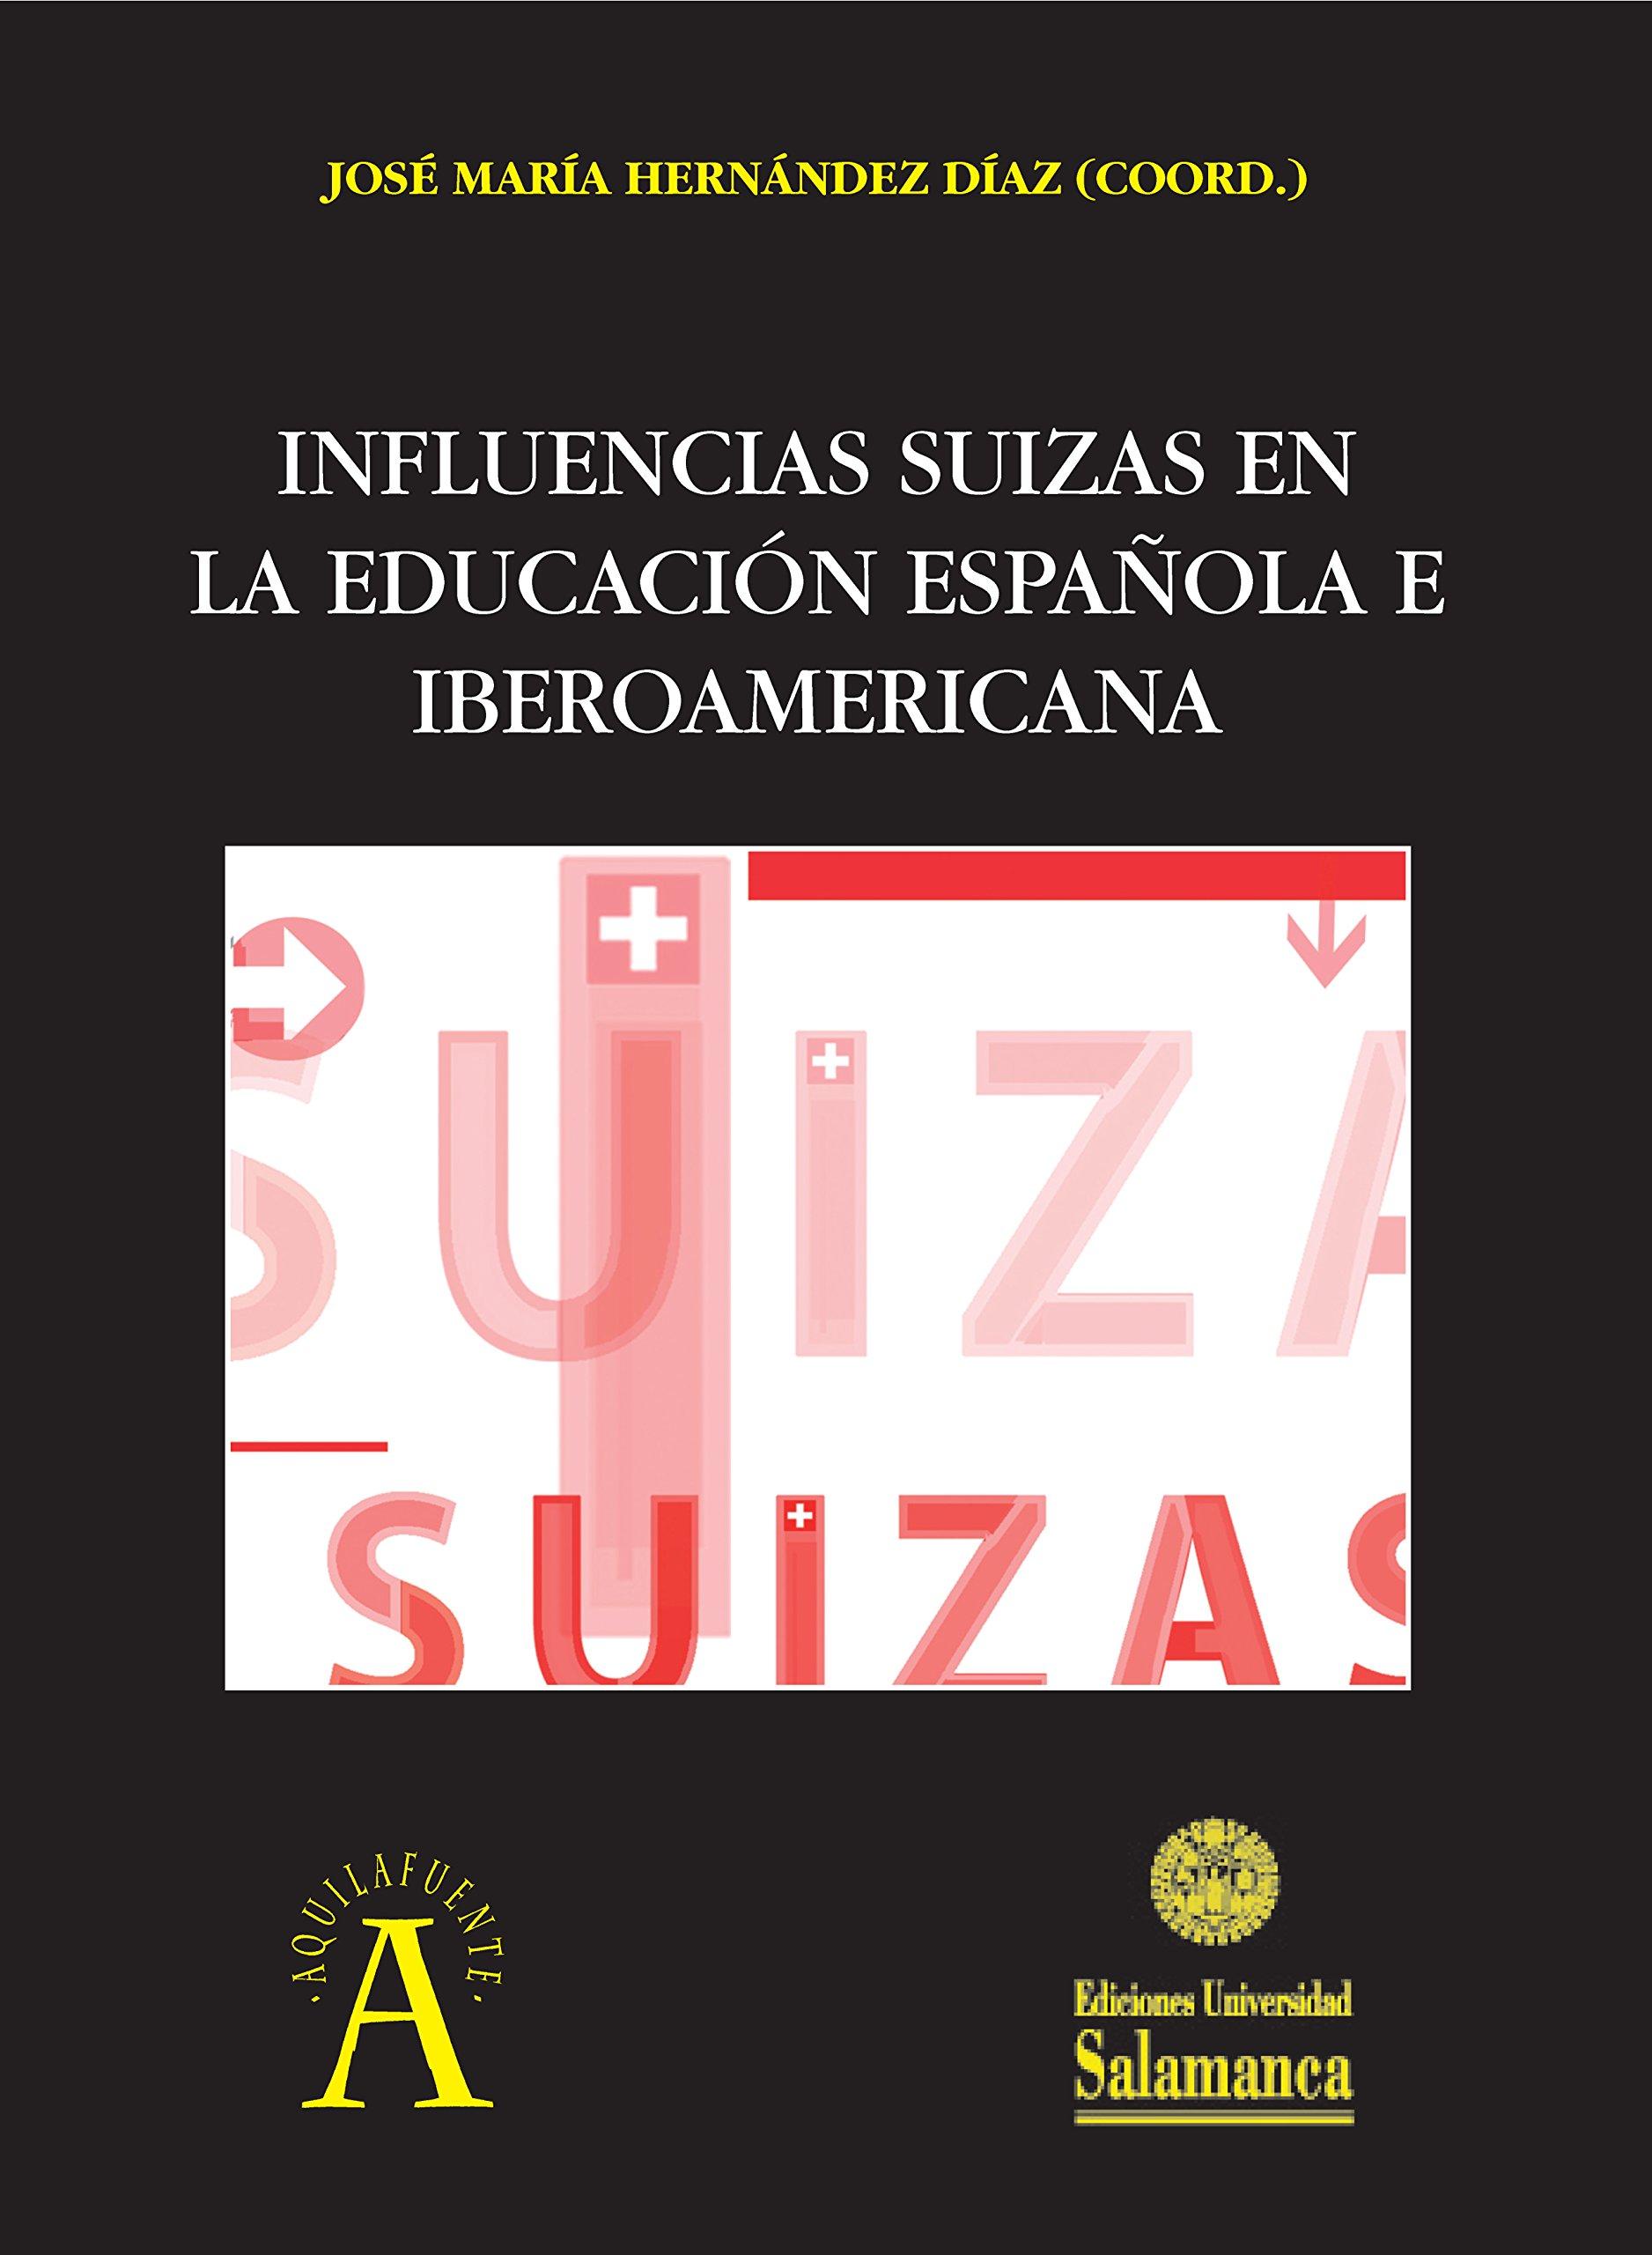 Influencias suizas en la educación española e iberoamericana Colección Aquilafuente, 225: Amazon.es: José María Hernández Díaz (coordinador): Libros